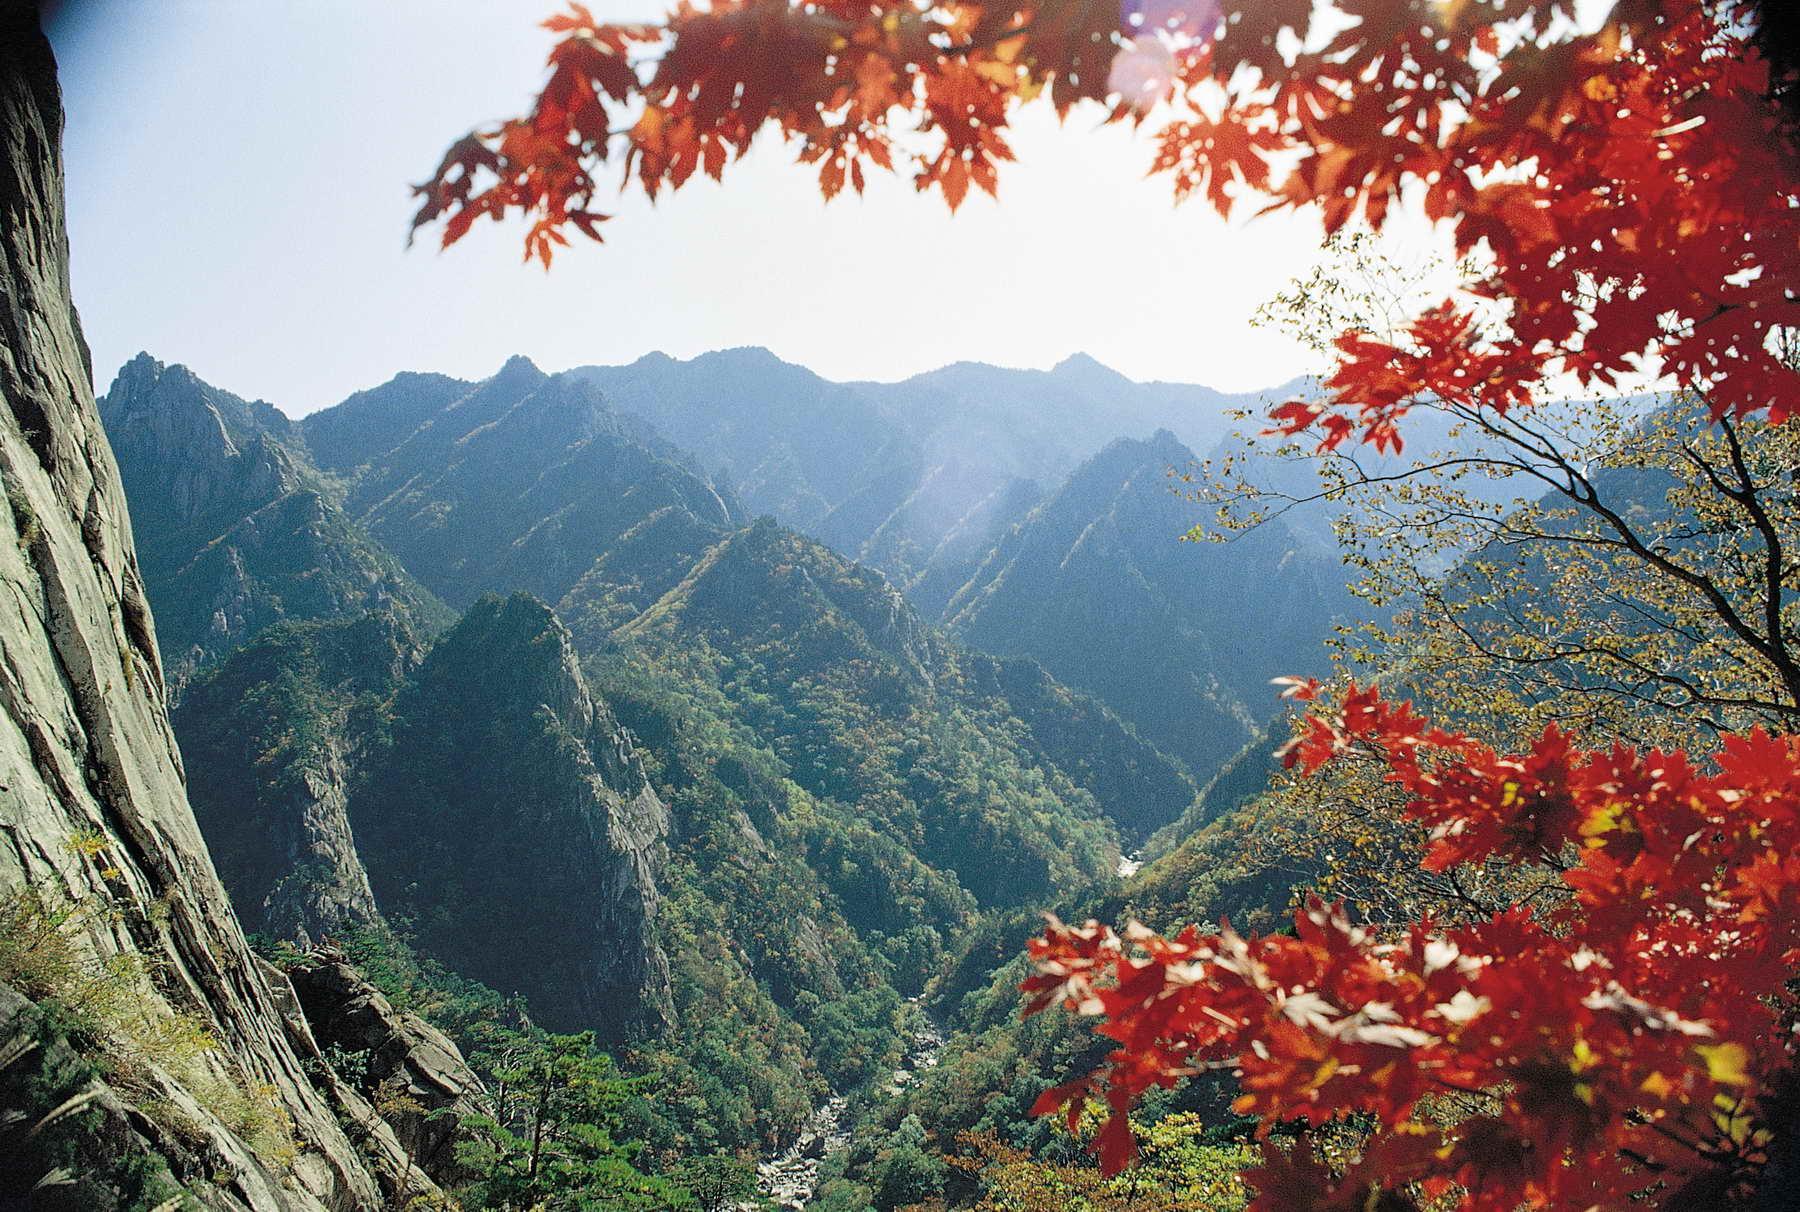 Der Seoraksan ist vor allem für seine zerklüftete Felslandschaft bekannt. Mit einer Höhe von 1708m ist er dritthöchste Berg in Südkorea.